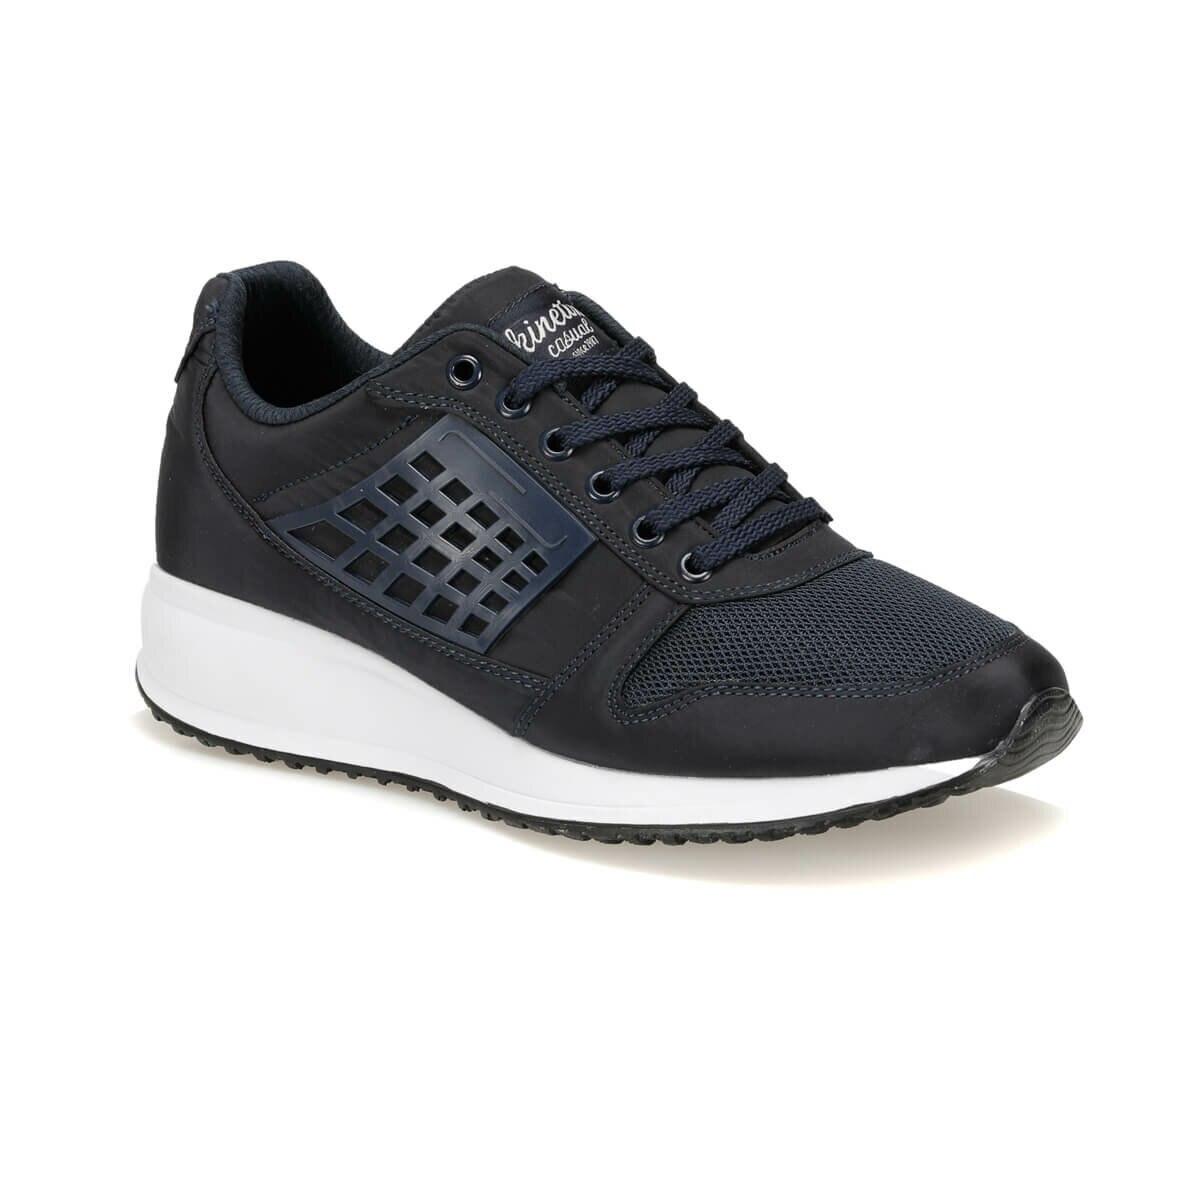 FLO OWEN Black Men 'S Sneaker Shoes KINETIX